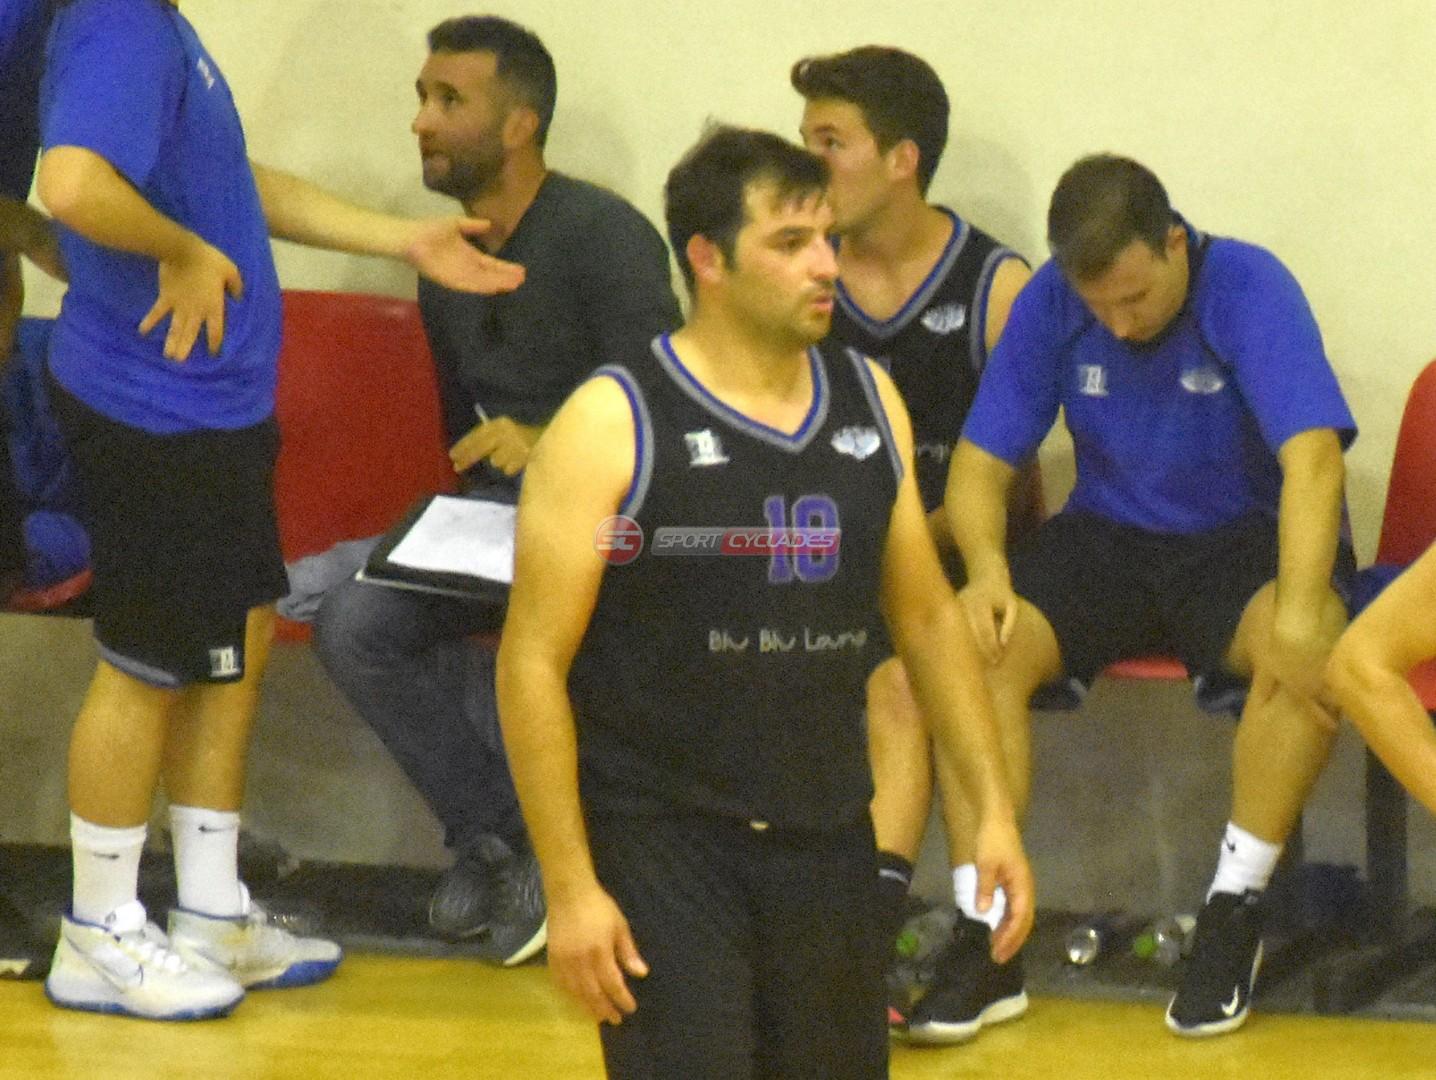 Γιάννης Σαχάς: «Η κατάκτηση του πρωταθλήματος είναι συνεχεία της δουλειάς που γίνεται τόσα χρόνια»